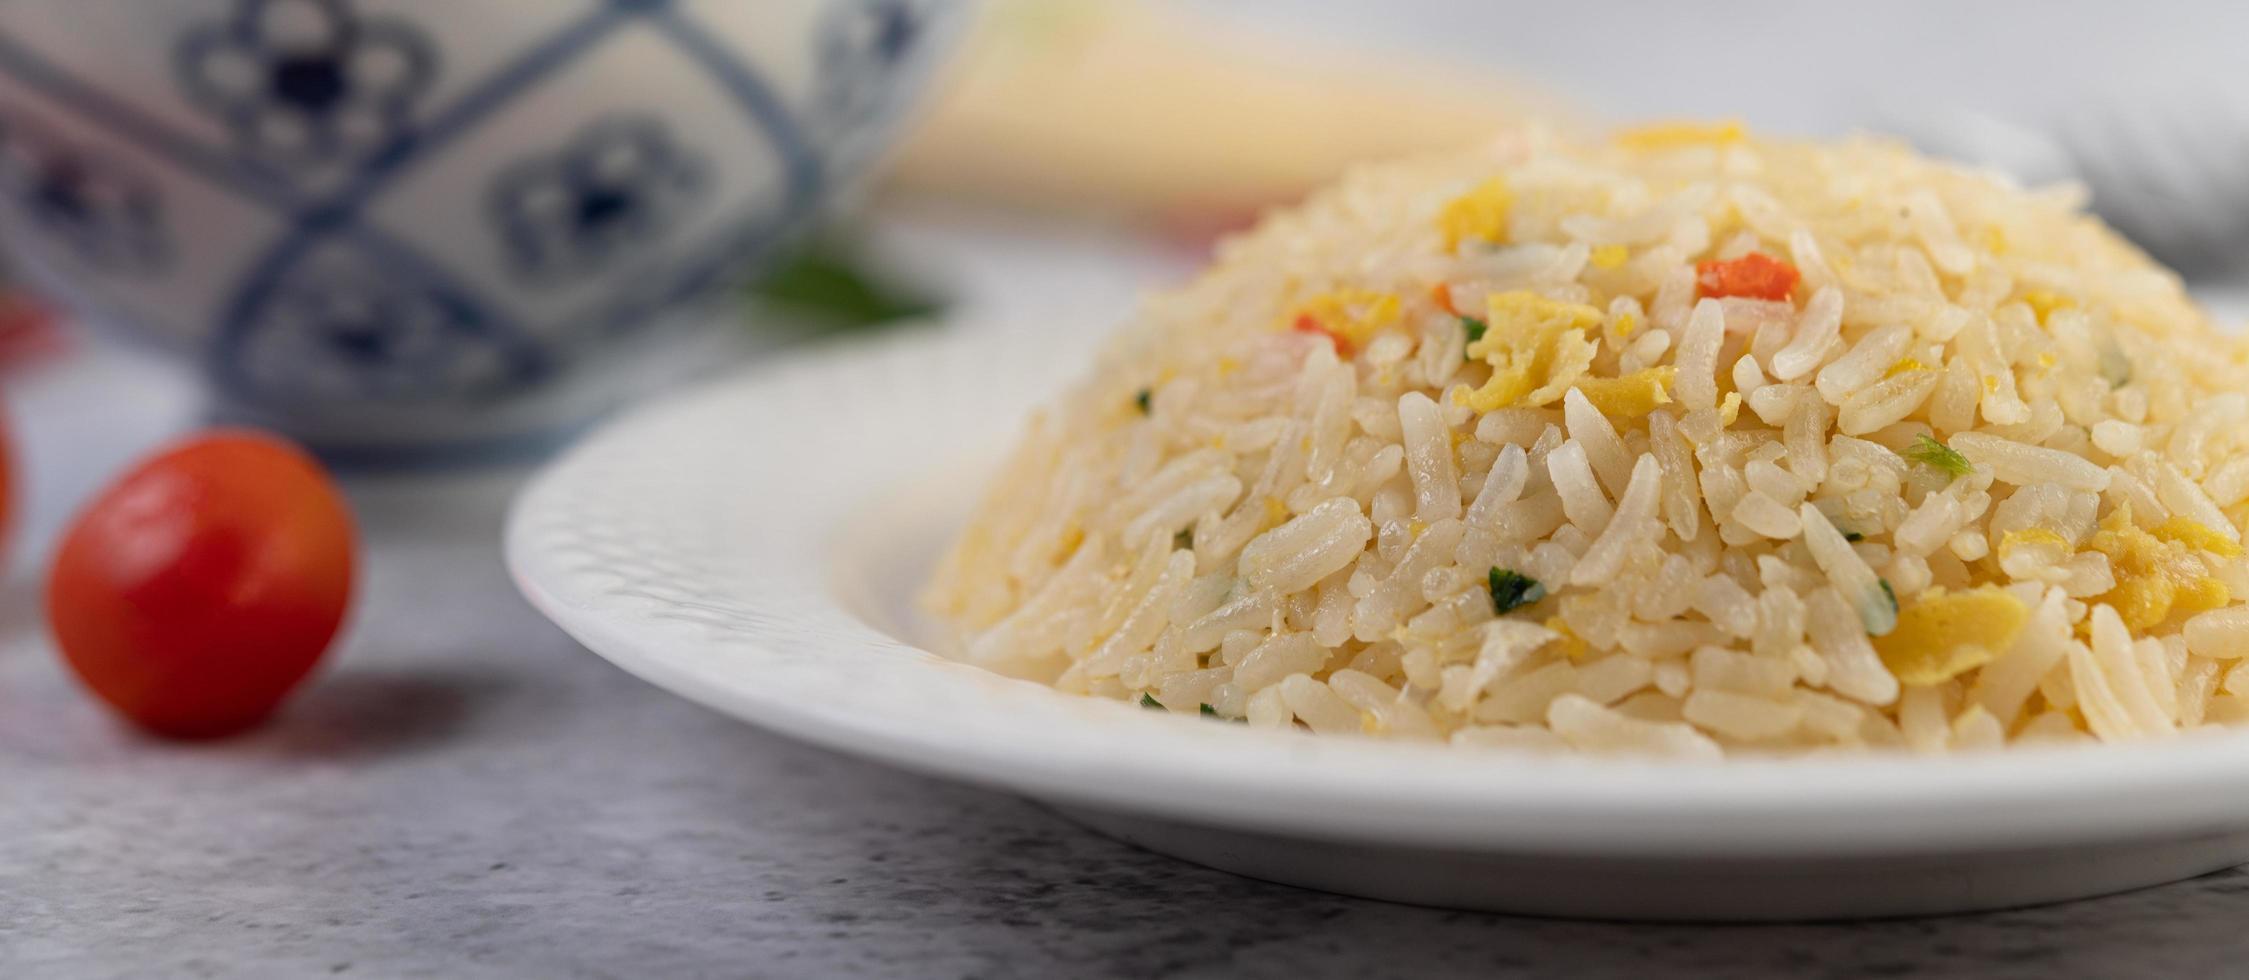 plat de riz frit photo